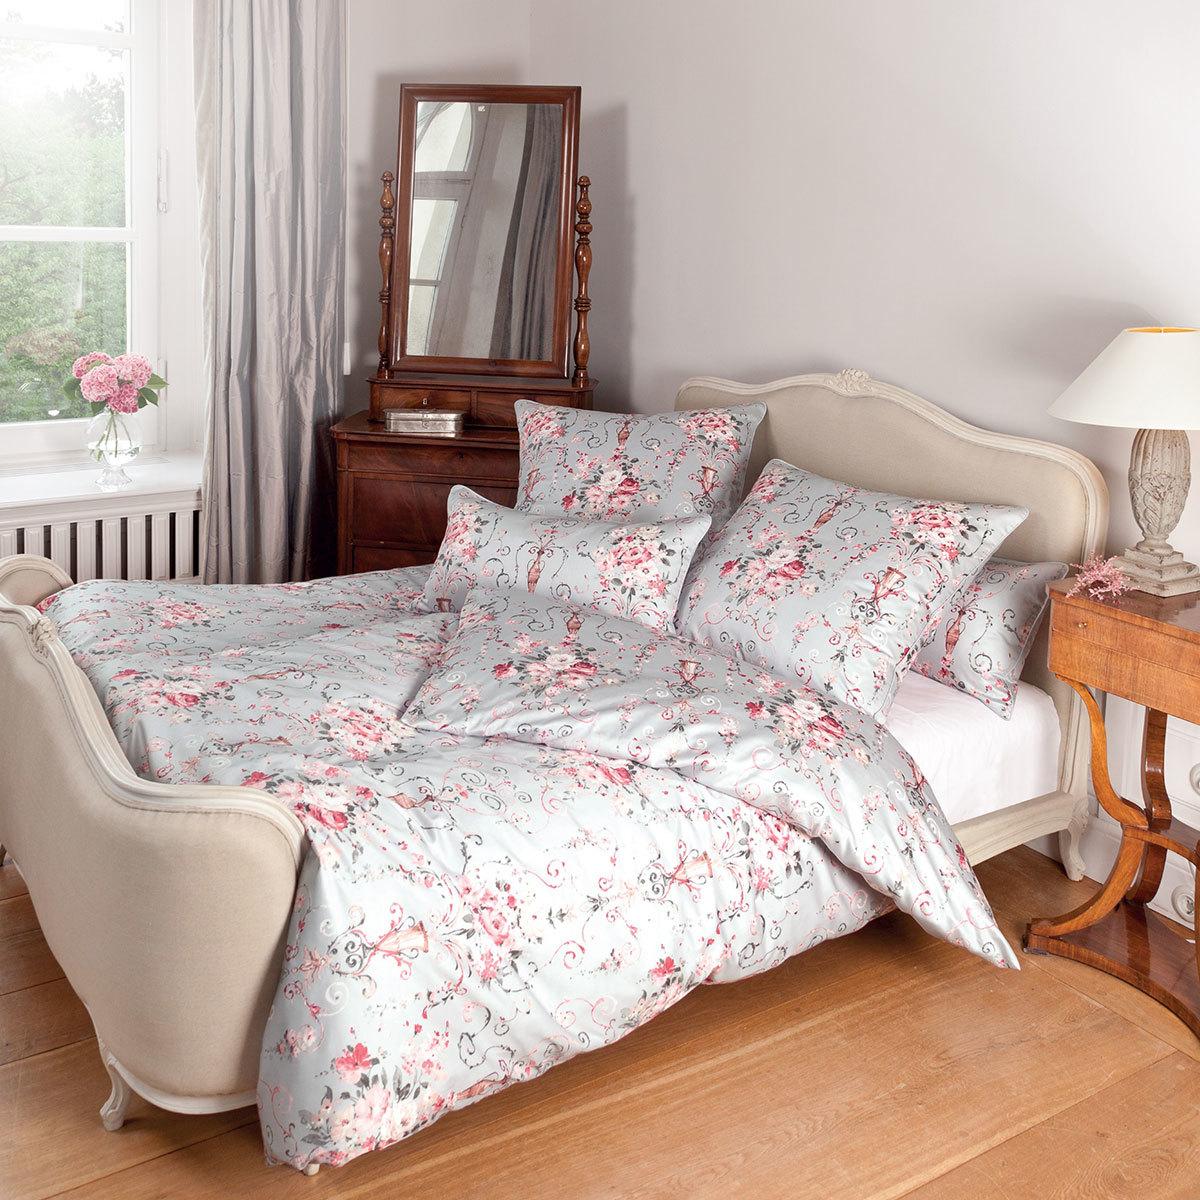 janine mako satin bettw sche romantico 46000 01 g nstig online kaufen bei bettwaren shop. Black Bedroom Furniture Sets. Home Design Ideas